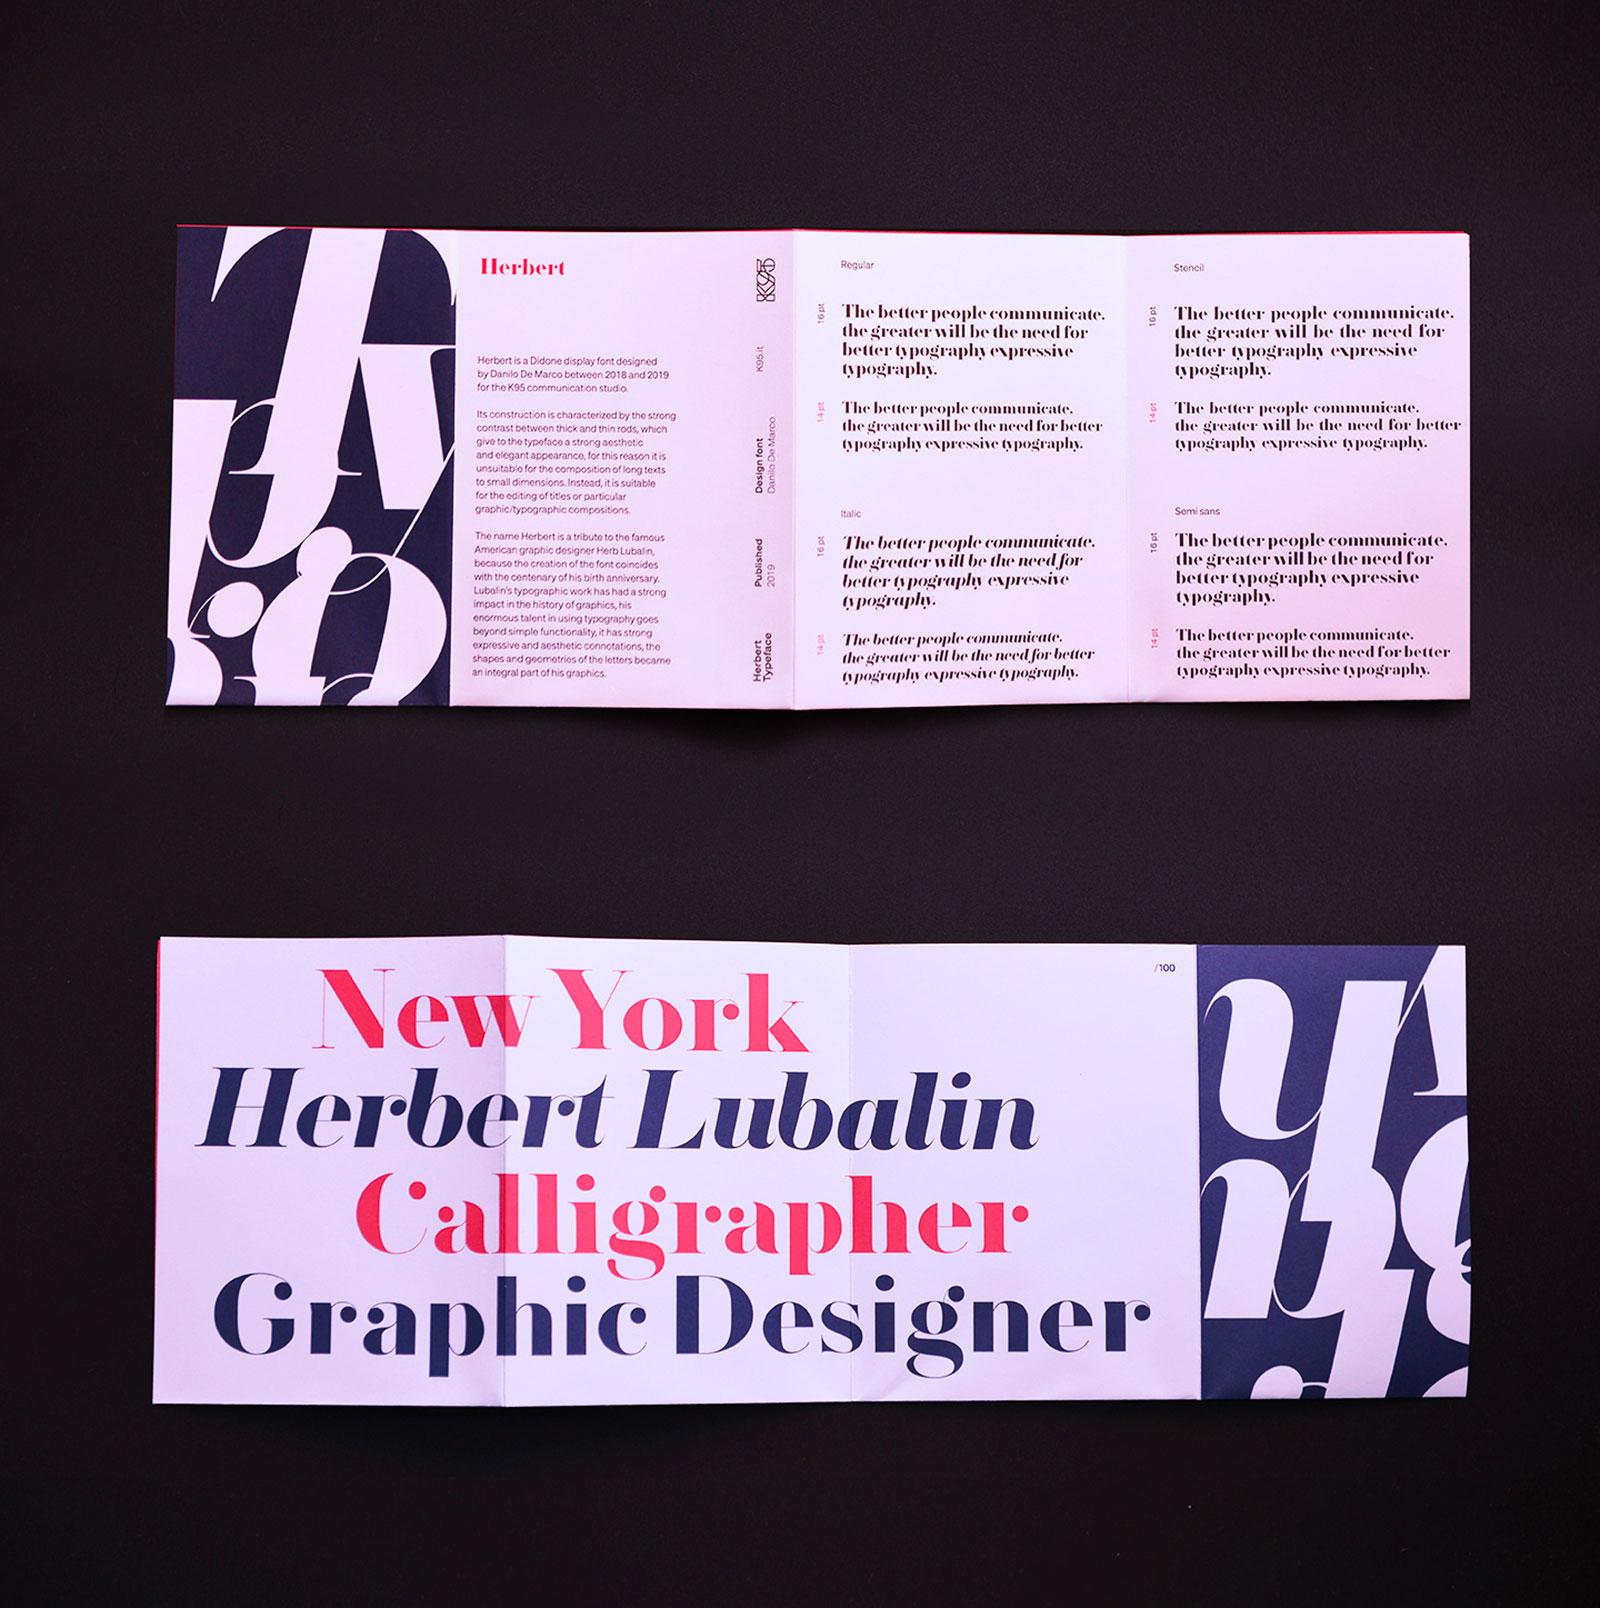 Herbert Typeface - Specimen open